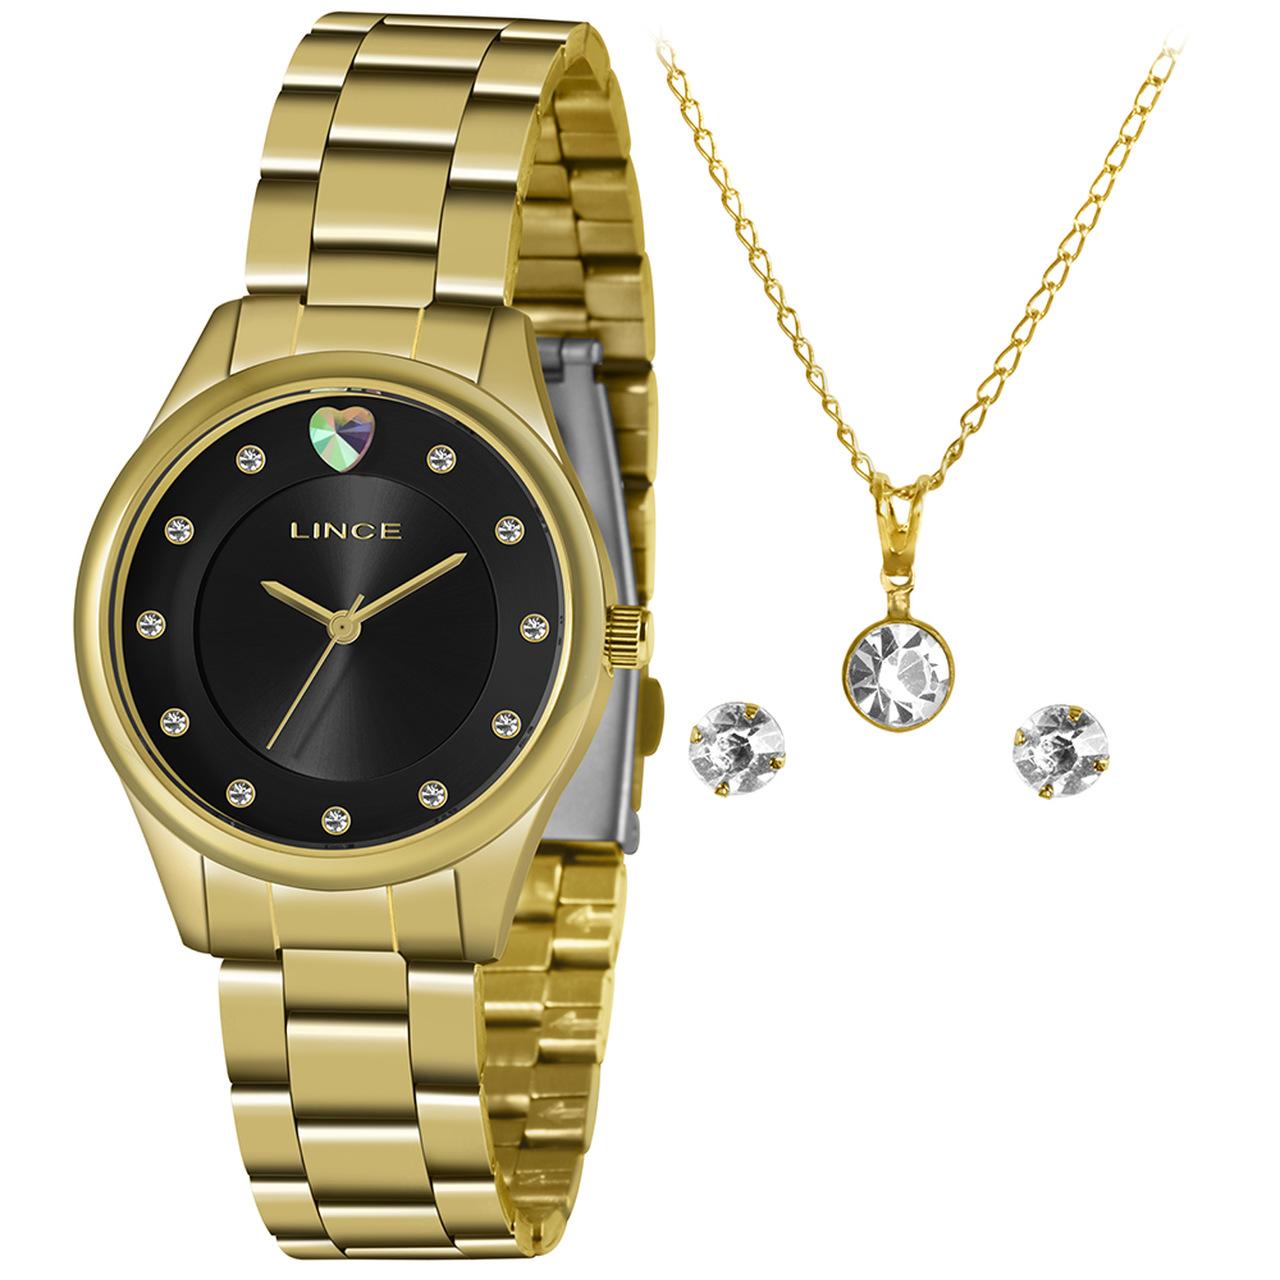 Relógio Funny Feminino Analógico LRGJ138L Dourado - Lince